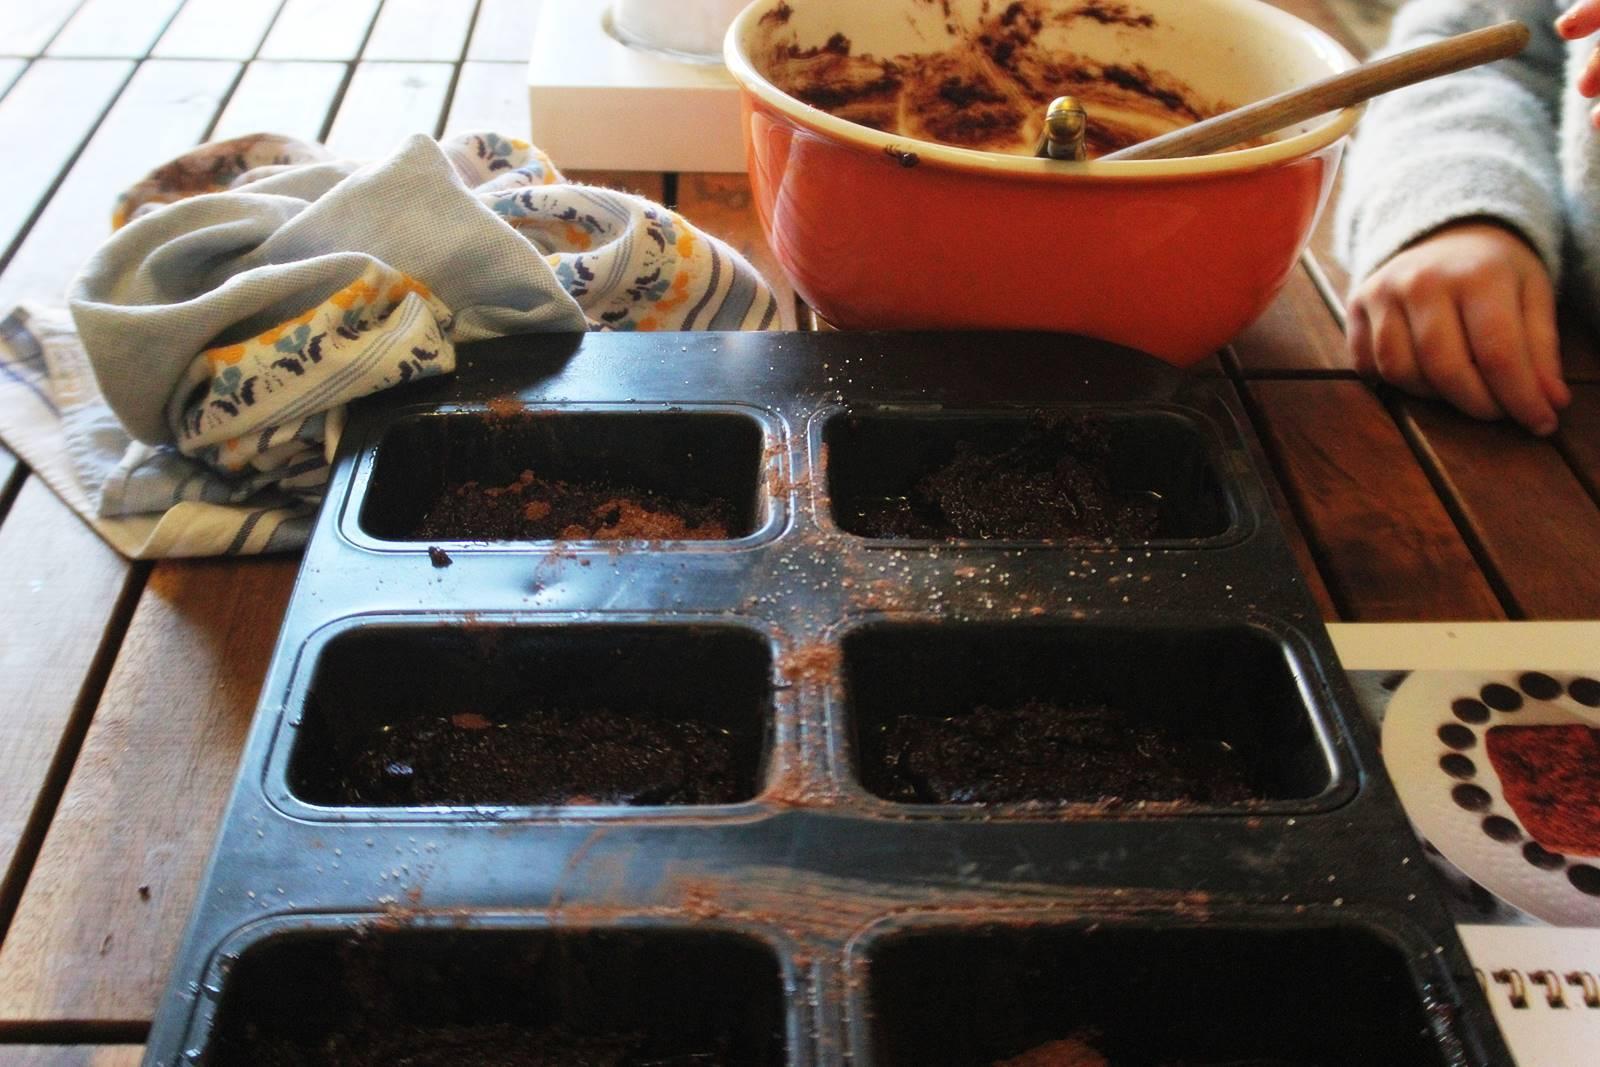 Recette fondant chocolat sans cuisson au speculoos hameaux bioimg 8475